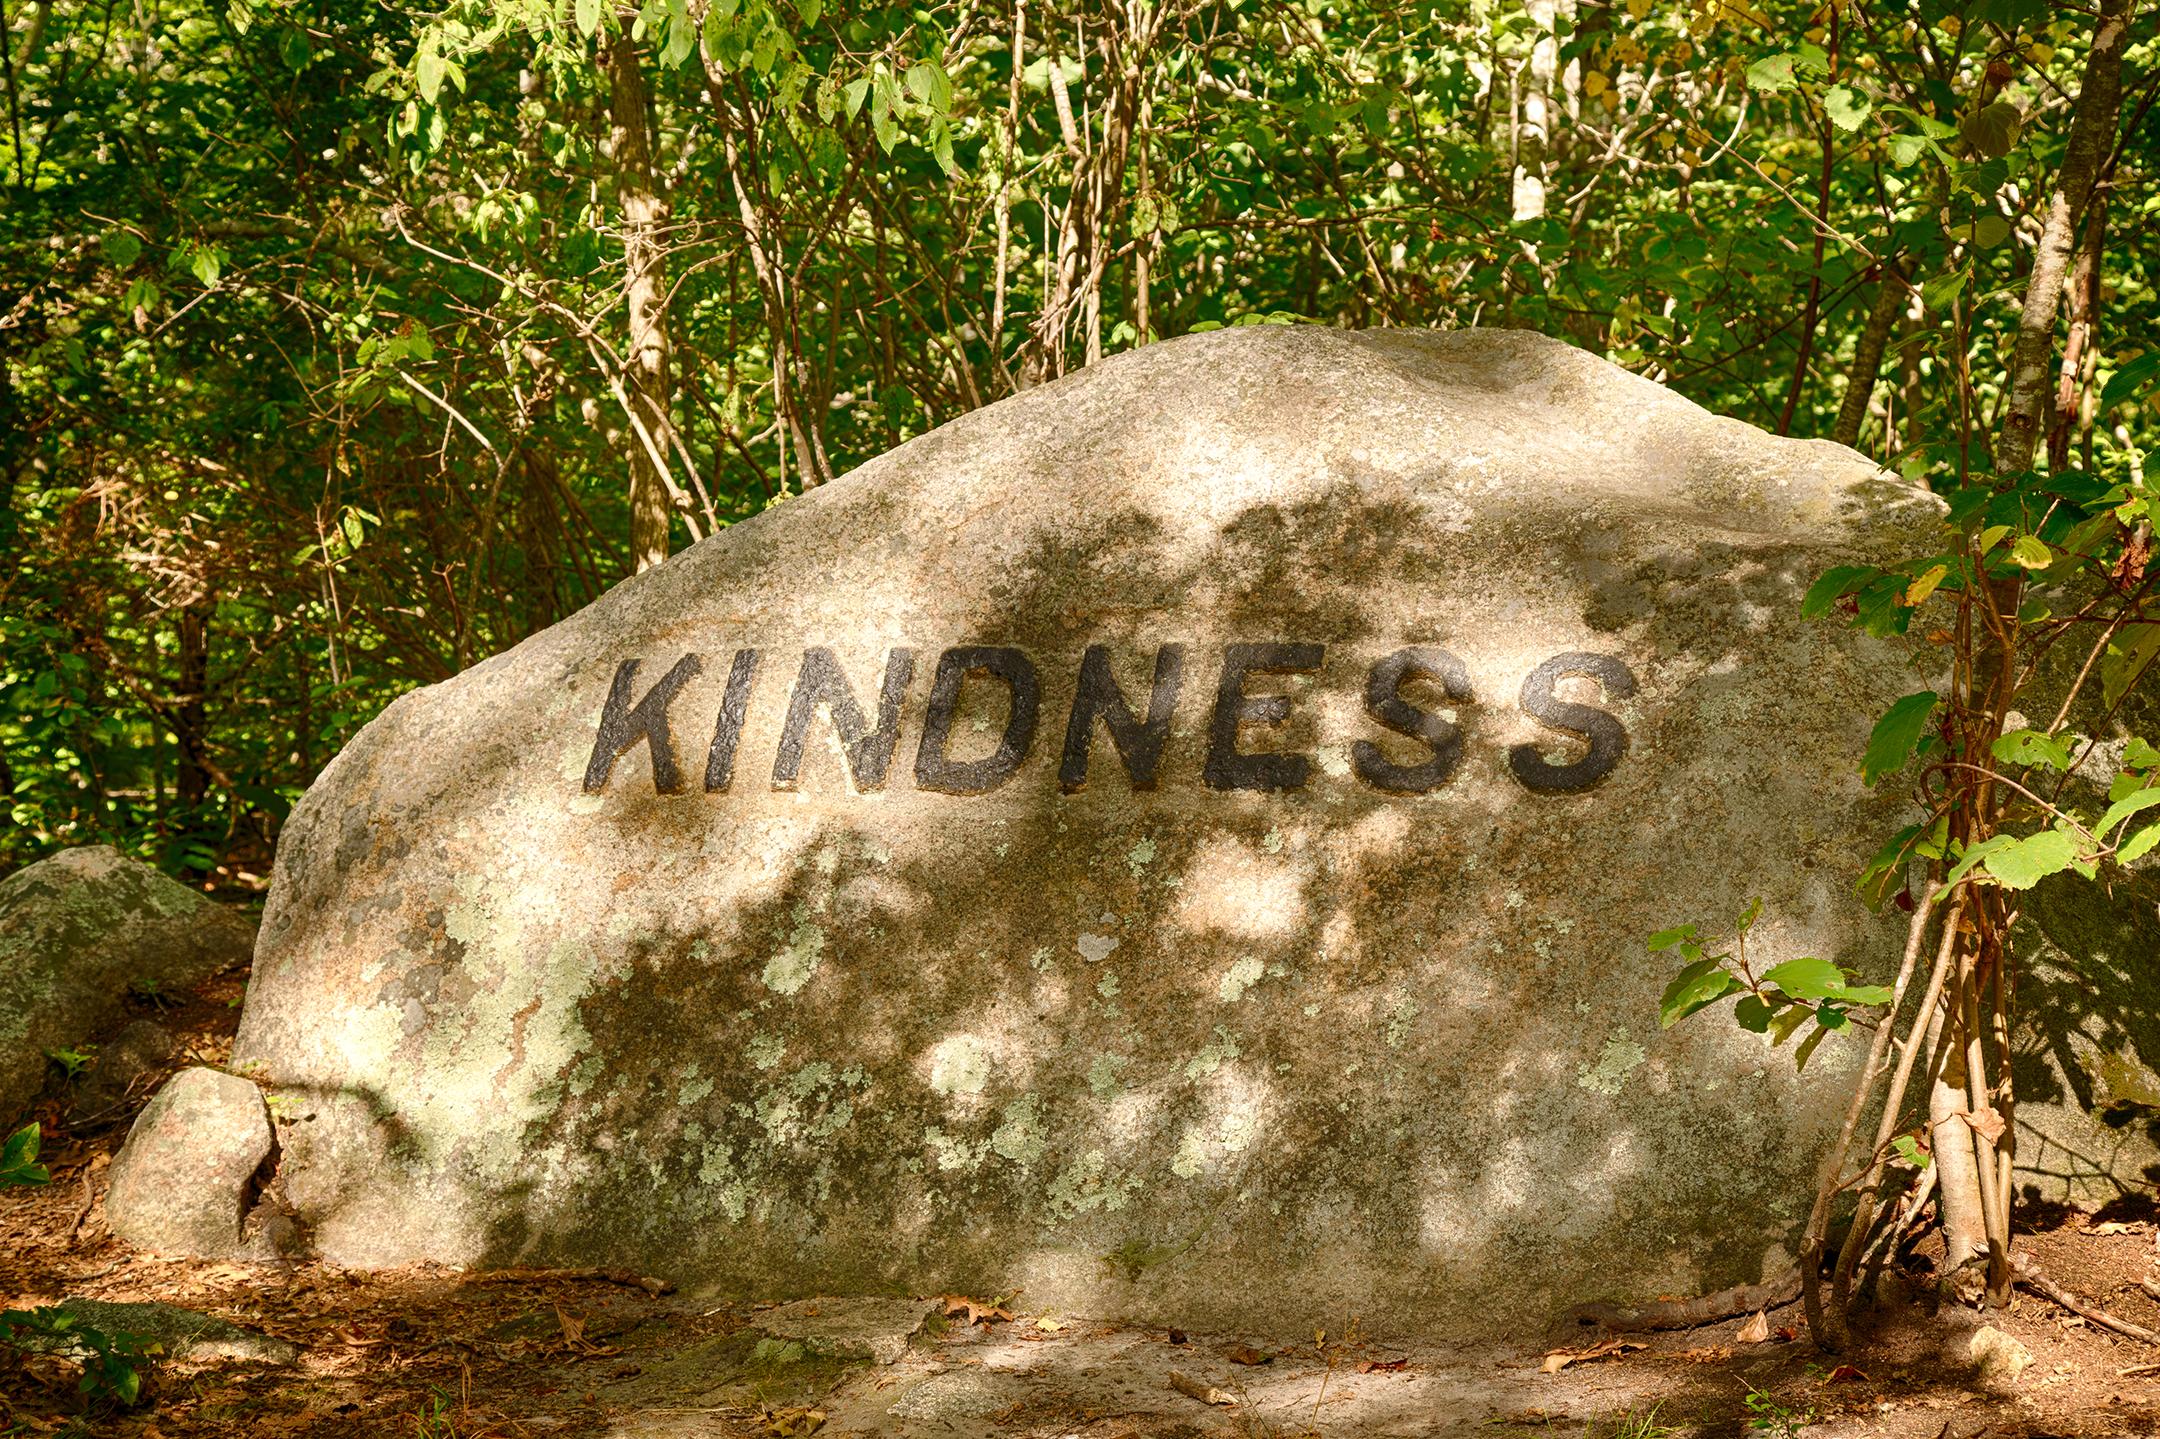 kindness-boulder.jpg